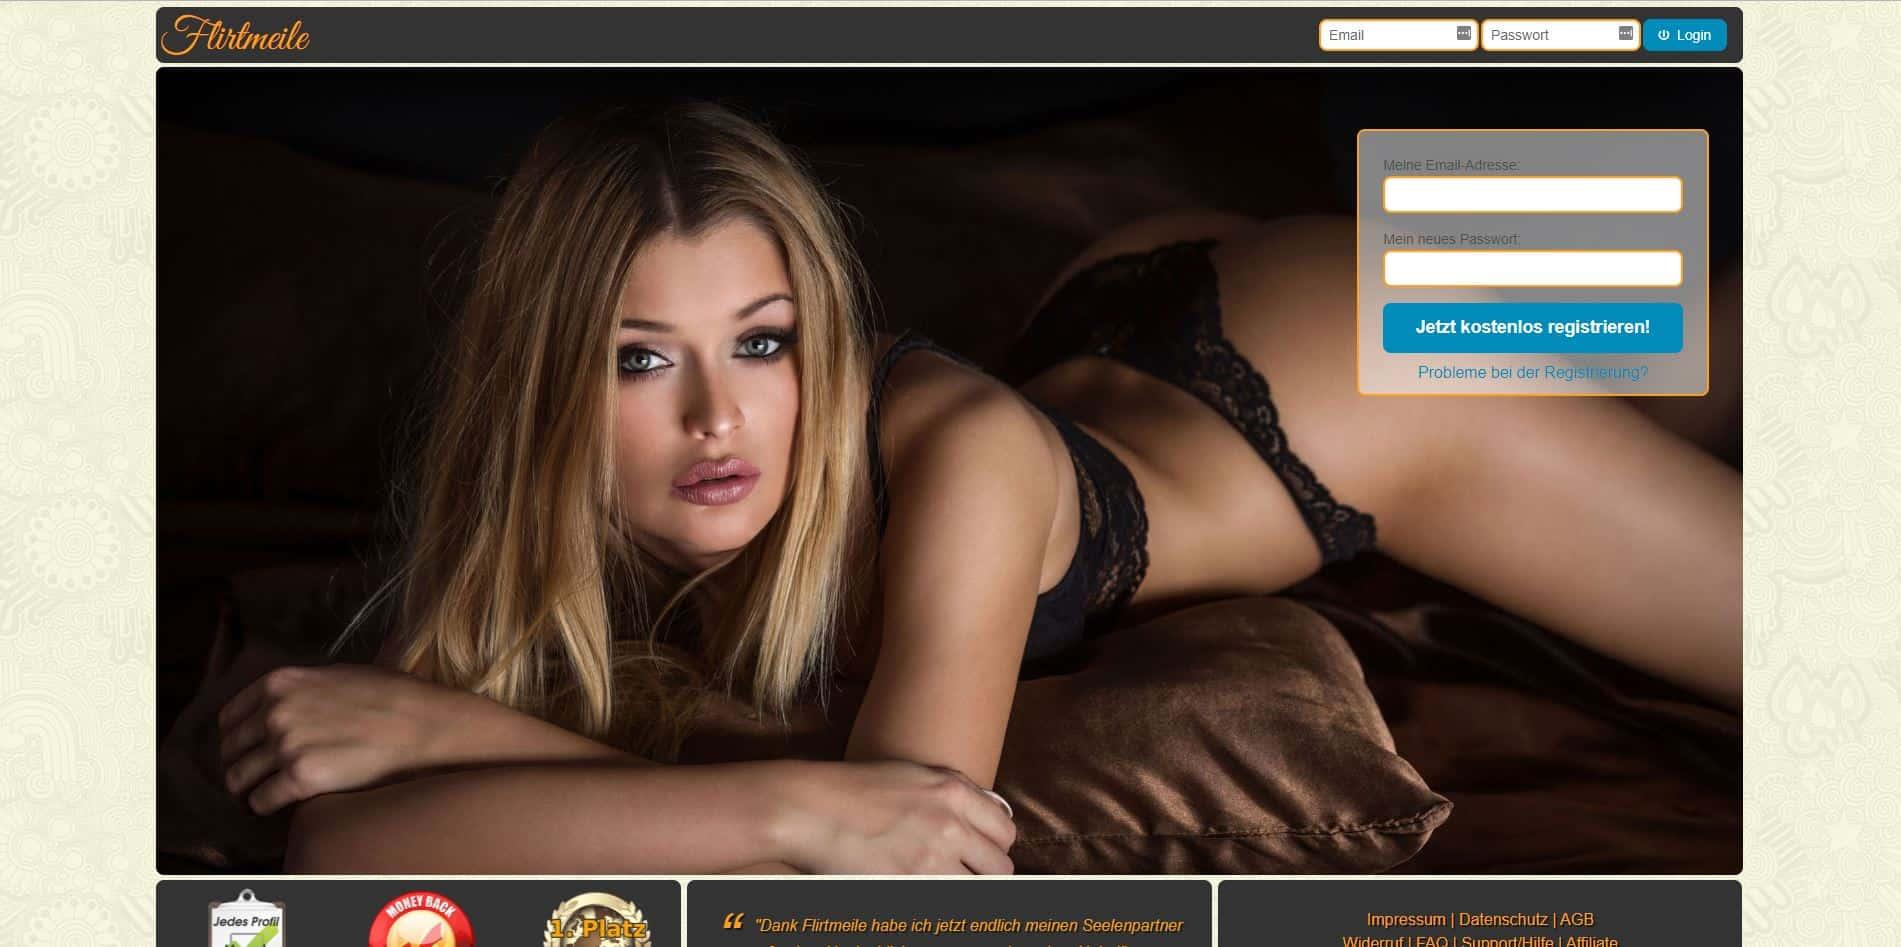 FlirtMeile.com Abzocke